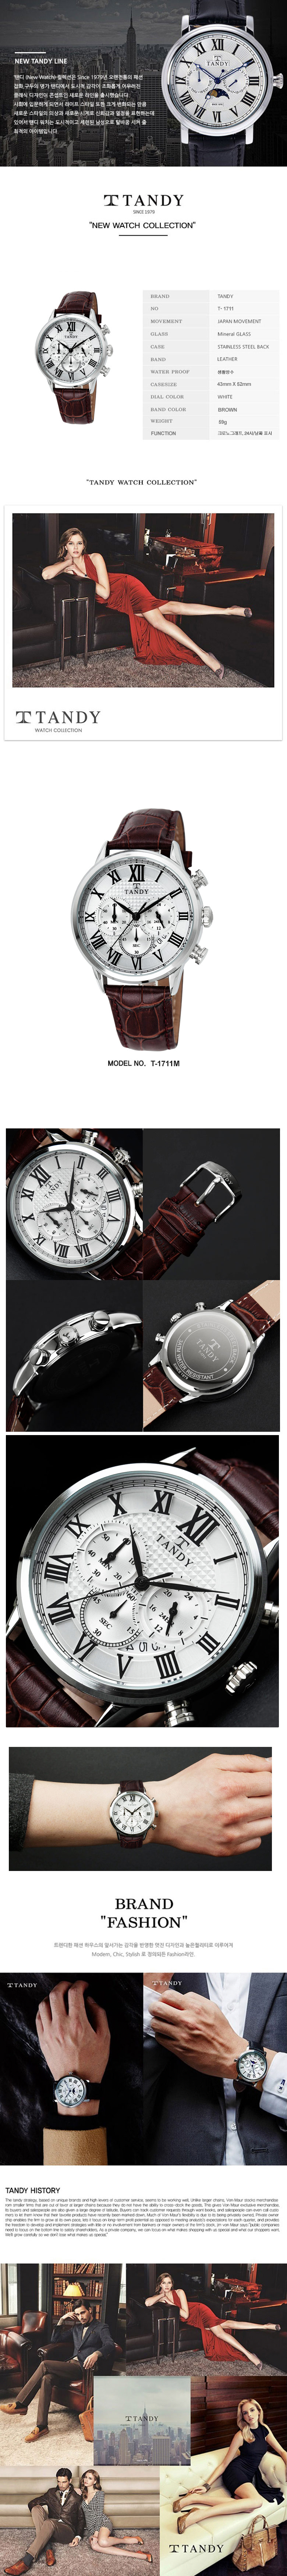 탠디 클래식 남성용 크로노그래프 가죽시계 T-1711 - 탠디, 72,800원, 남성시계, 가죽시계